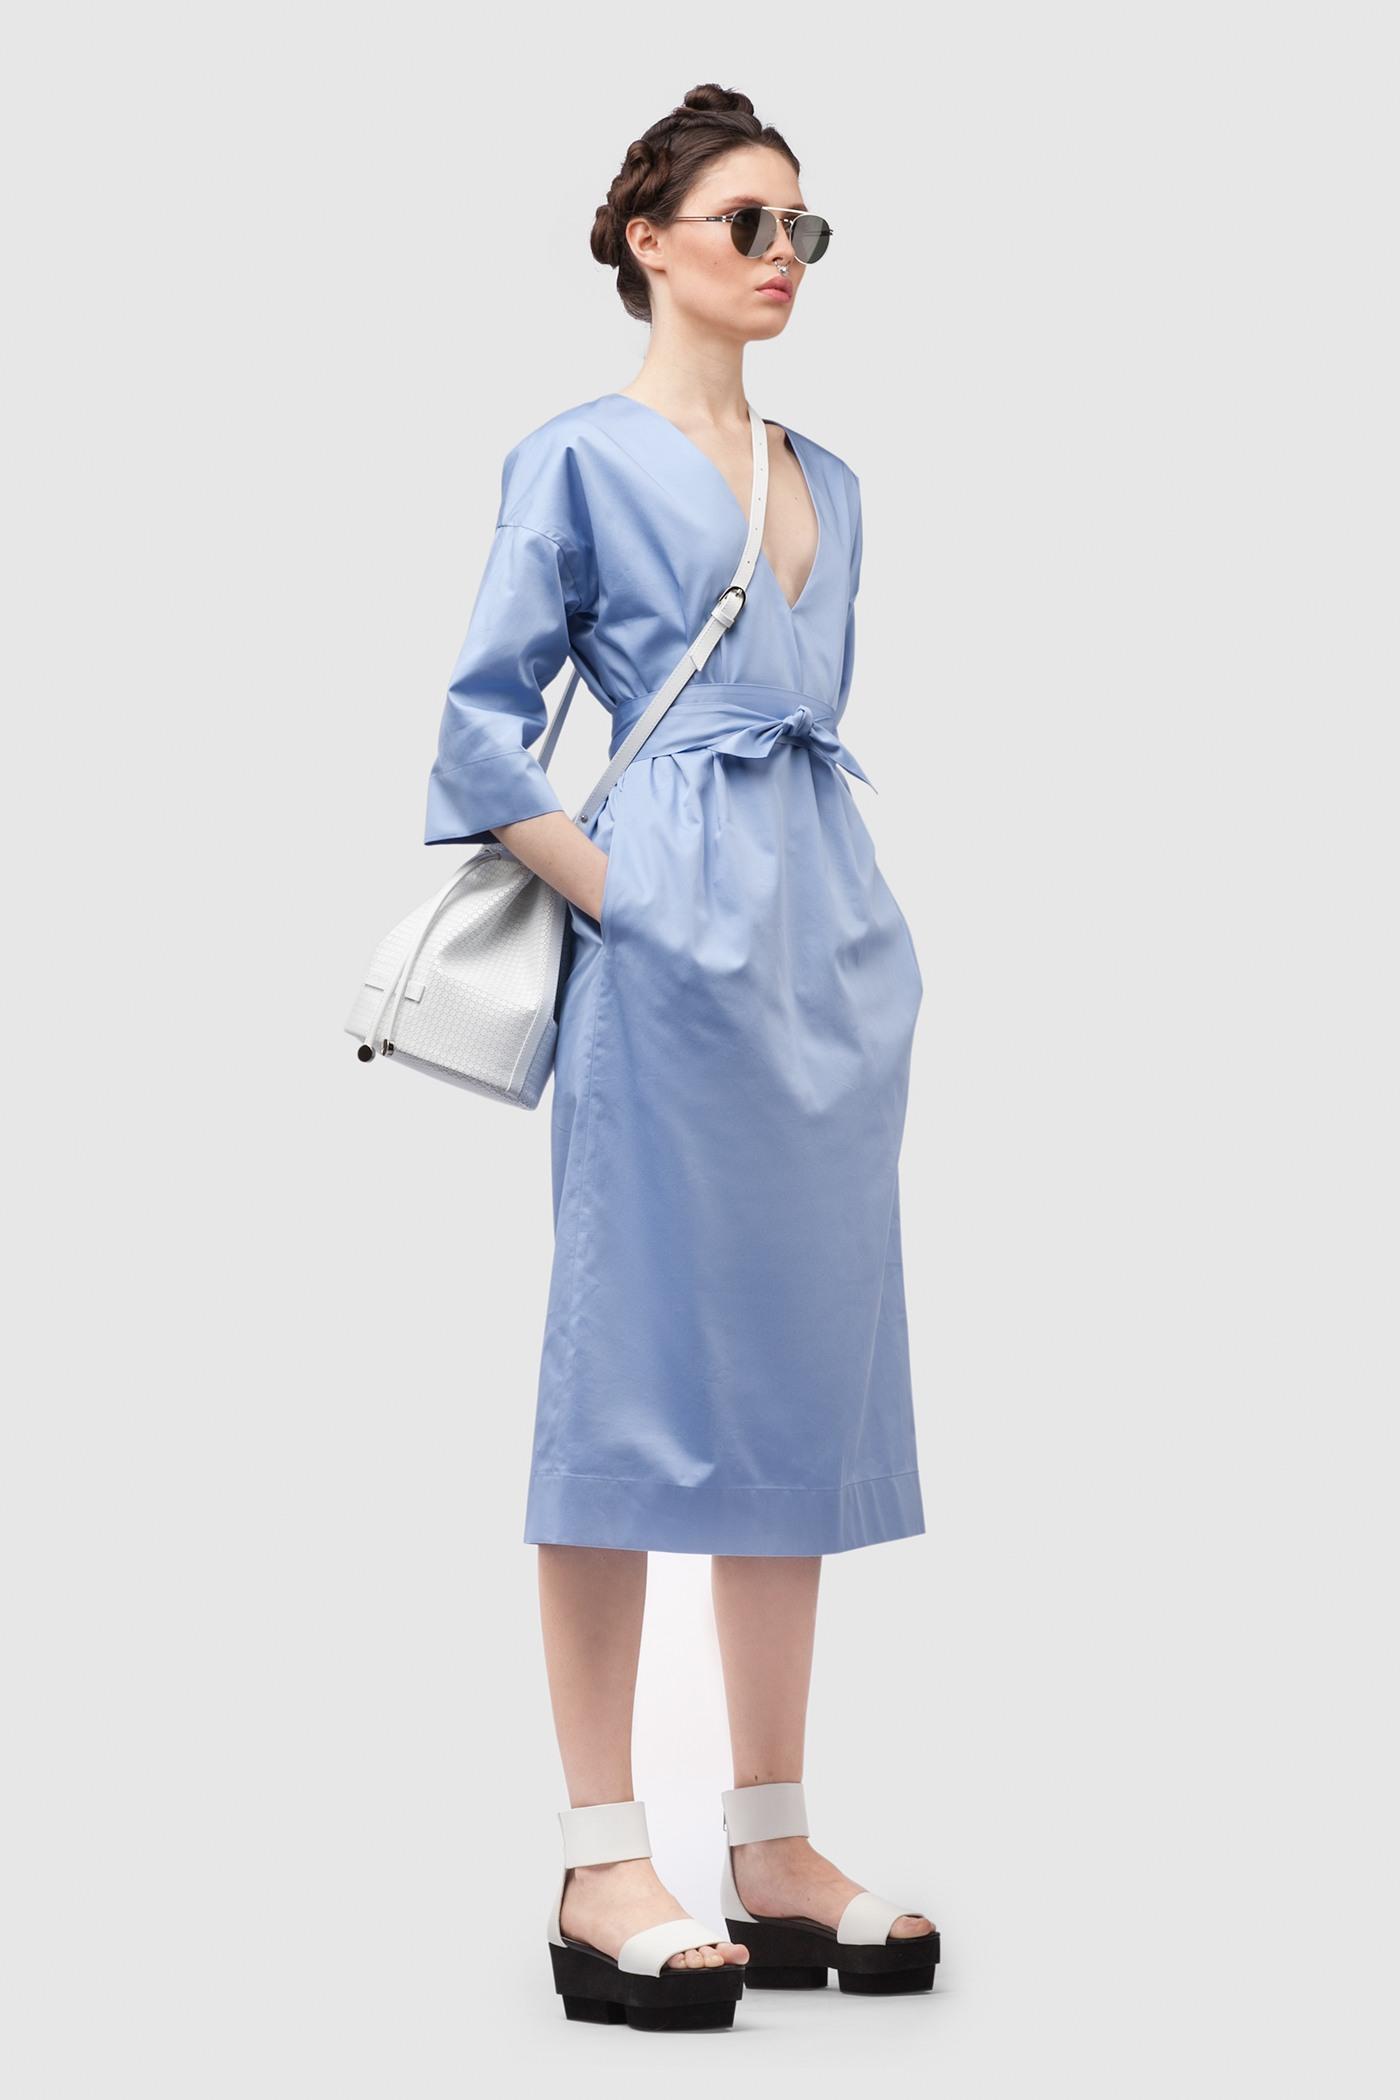 Платье средней длины - JapanПлатье средней длины прямого силуэта из хлопка с глубоким V-образным вырезом. Драпируется с помощью тканного пояса.&#13;<br>&#13;<br>&#13;<br>широкие рукава 2/3&#13;<br>&#13;<br>имеет карманы в боковых швах&#13;<br>&#13;<br>свободный силуэт, платье можно носить как с поясом, так и без&#13;<br>&#13;<br>дышащий хлопок — идеальное платье для жаркого лета&#13;<br>&#13;<br>длина изделия по спинке 107 см в ростовке 164-170 см., длина может изменятся в зависимости от размера и ростовки&#13;<br>&#13;<br>размер и другие нюансы уточняются при заказе, мы с вами связываемся по указному вами номеру телефона<br><br>Цвет: Васильковый, Синий, Красный<br>Размер: XS, S, M, L<br>Ростовка: 158 -164, 164 -170, 170 -176